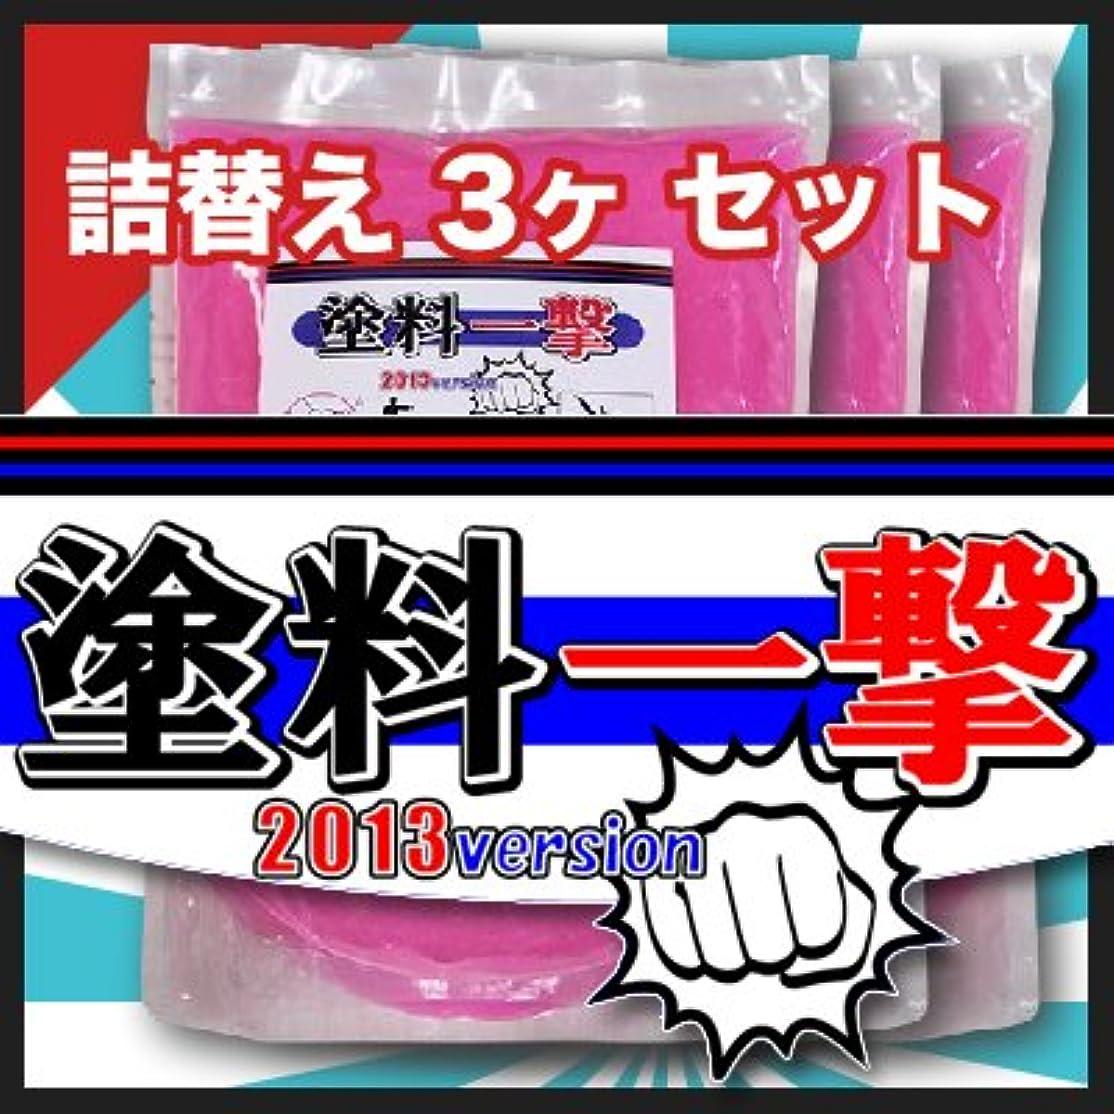 言う風刺リップD.Iプランニング 塗料一撃 2013 Version 詰替え (1.2kg x 3ヶ)